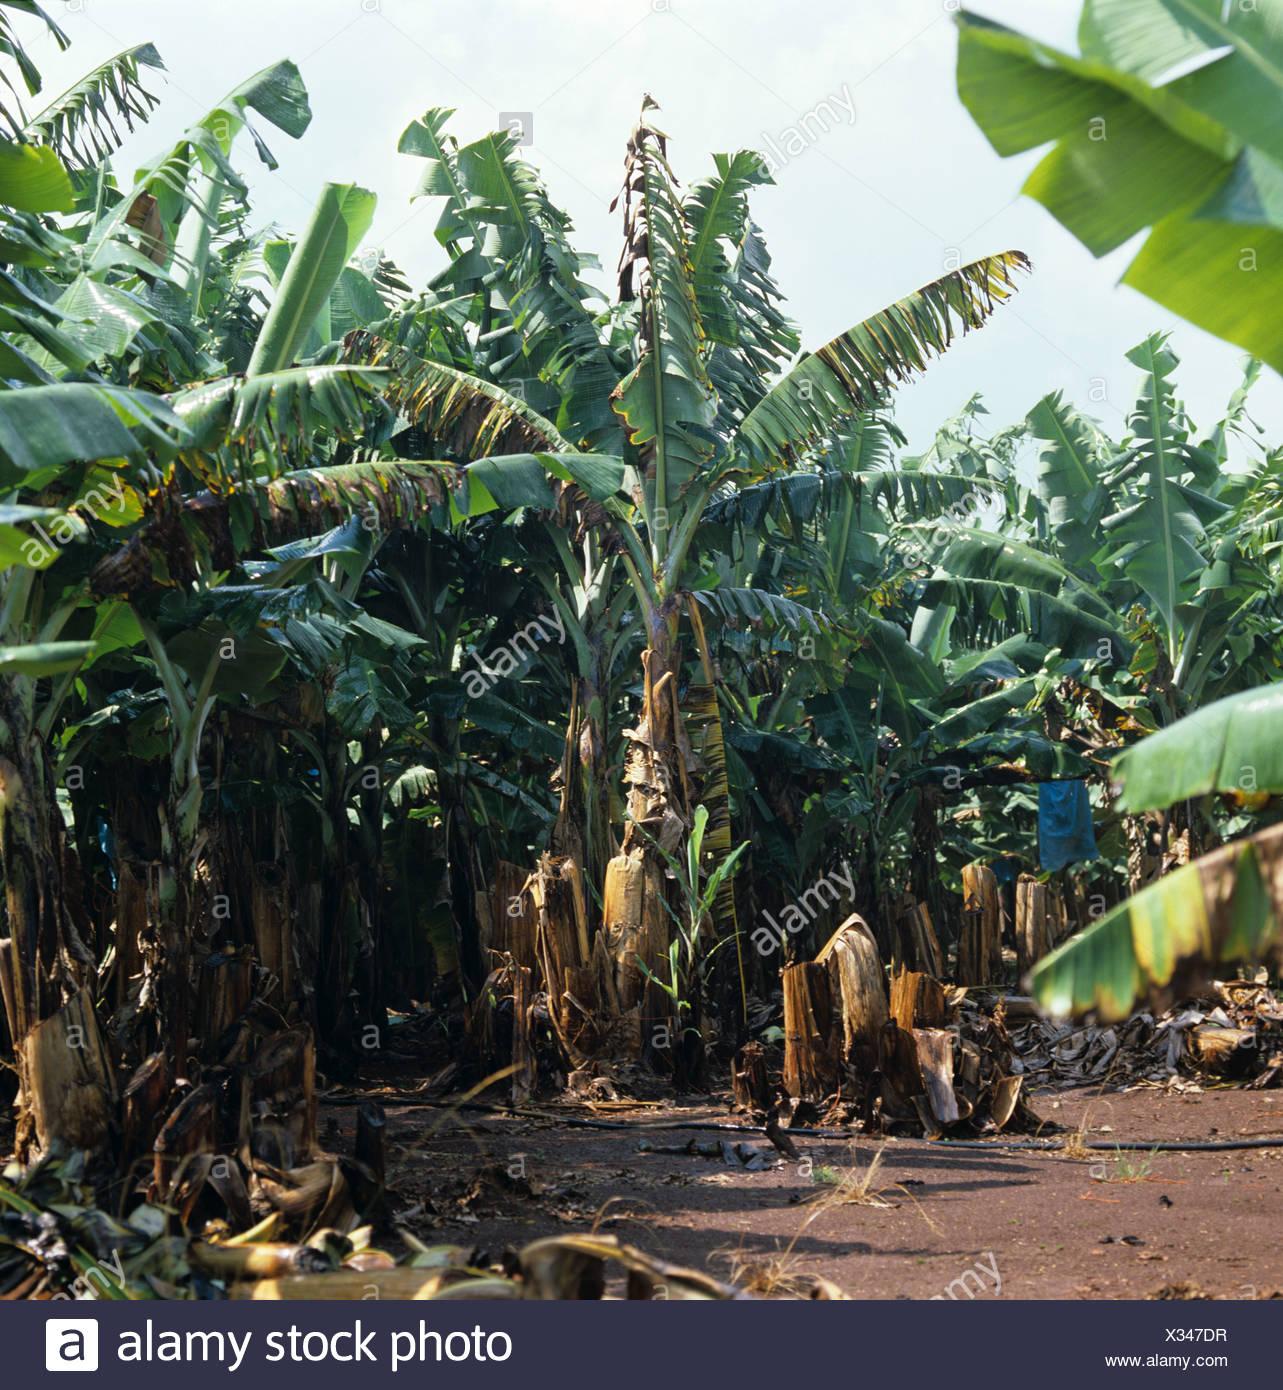 Panama Krankheit (Fusarium Oxysporum) Verwüstung in reifen südafrikanischen Bananenplantage Stockbild